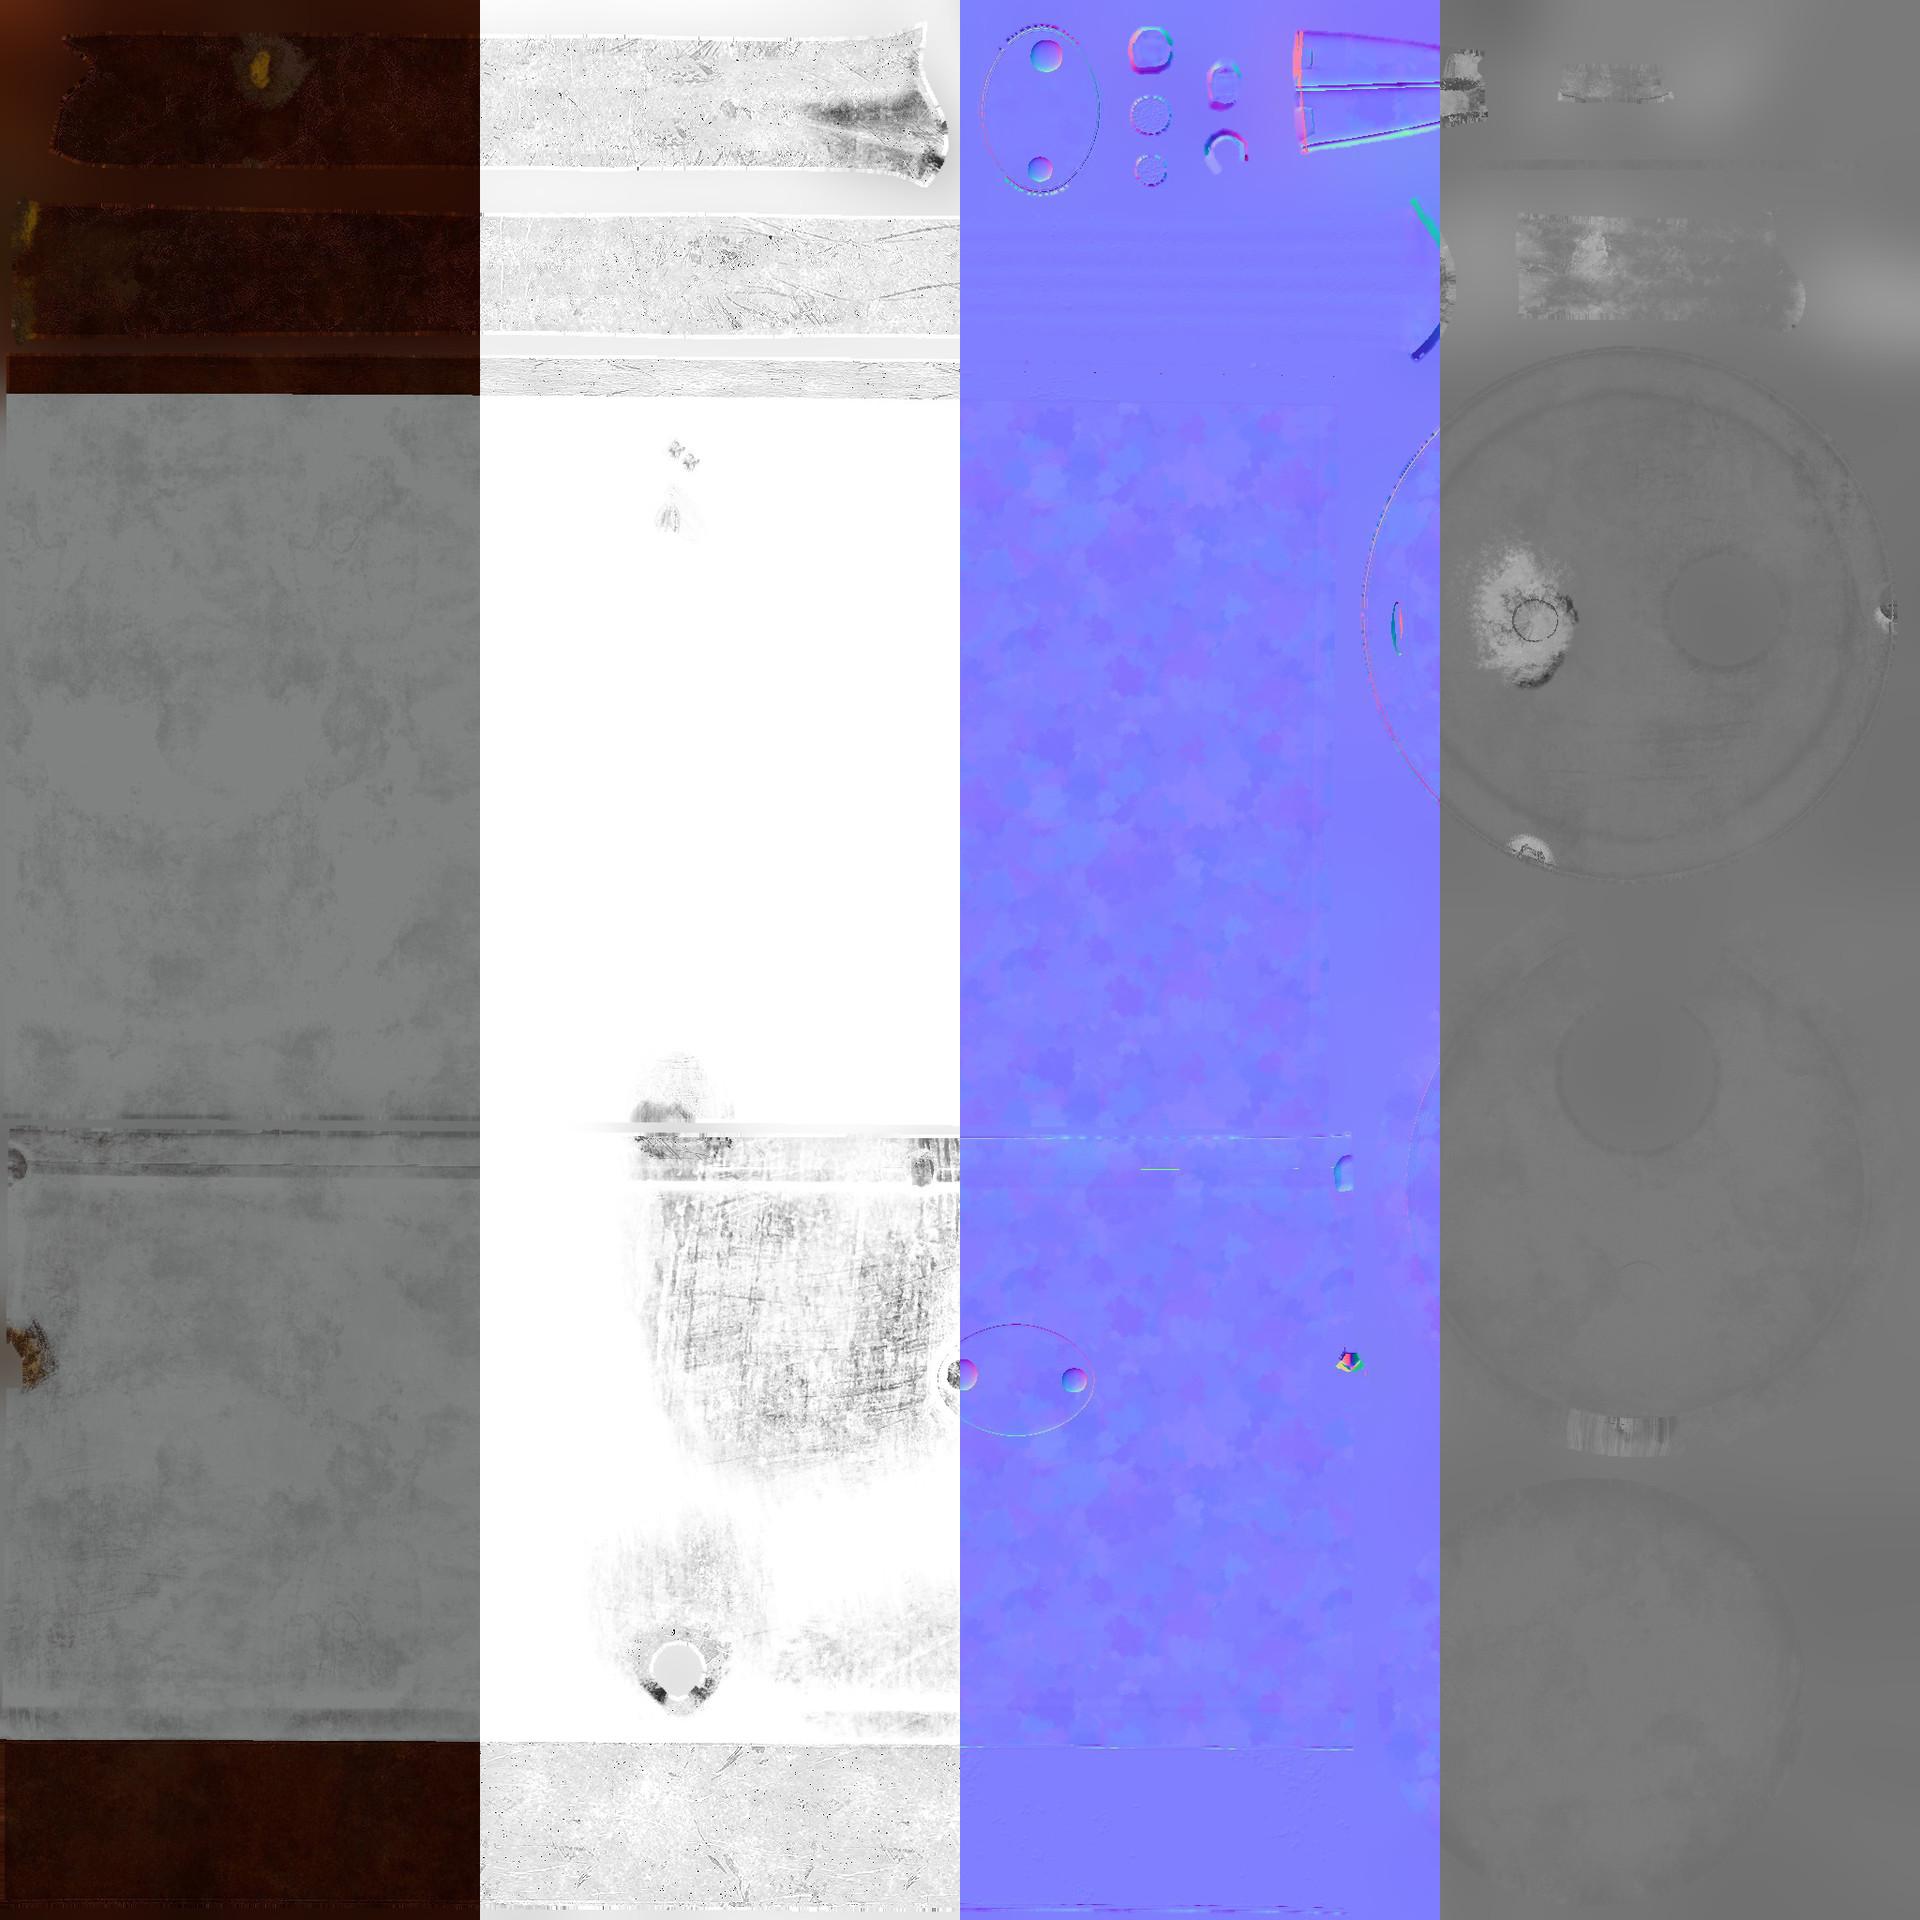 Shamsuddeen alkali maps